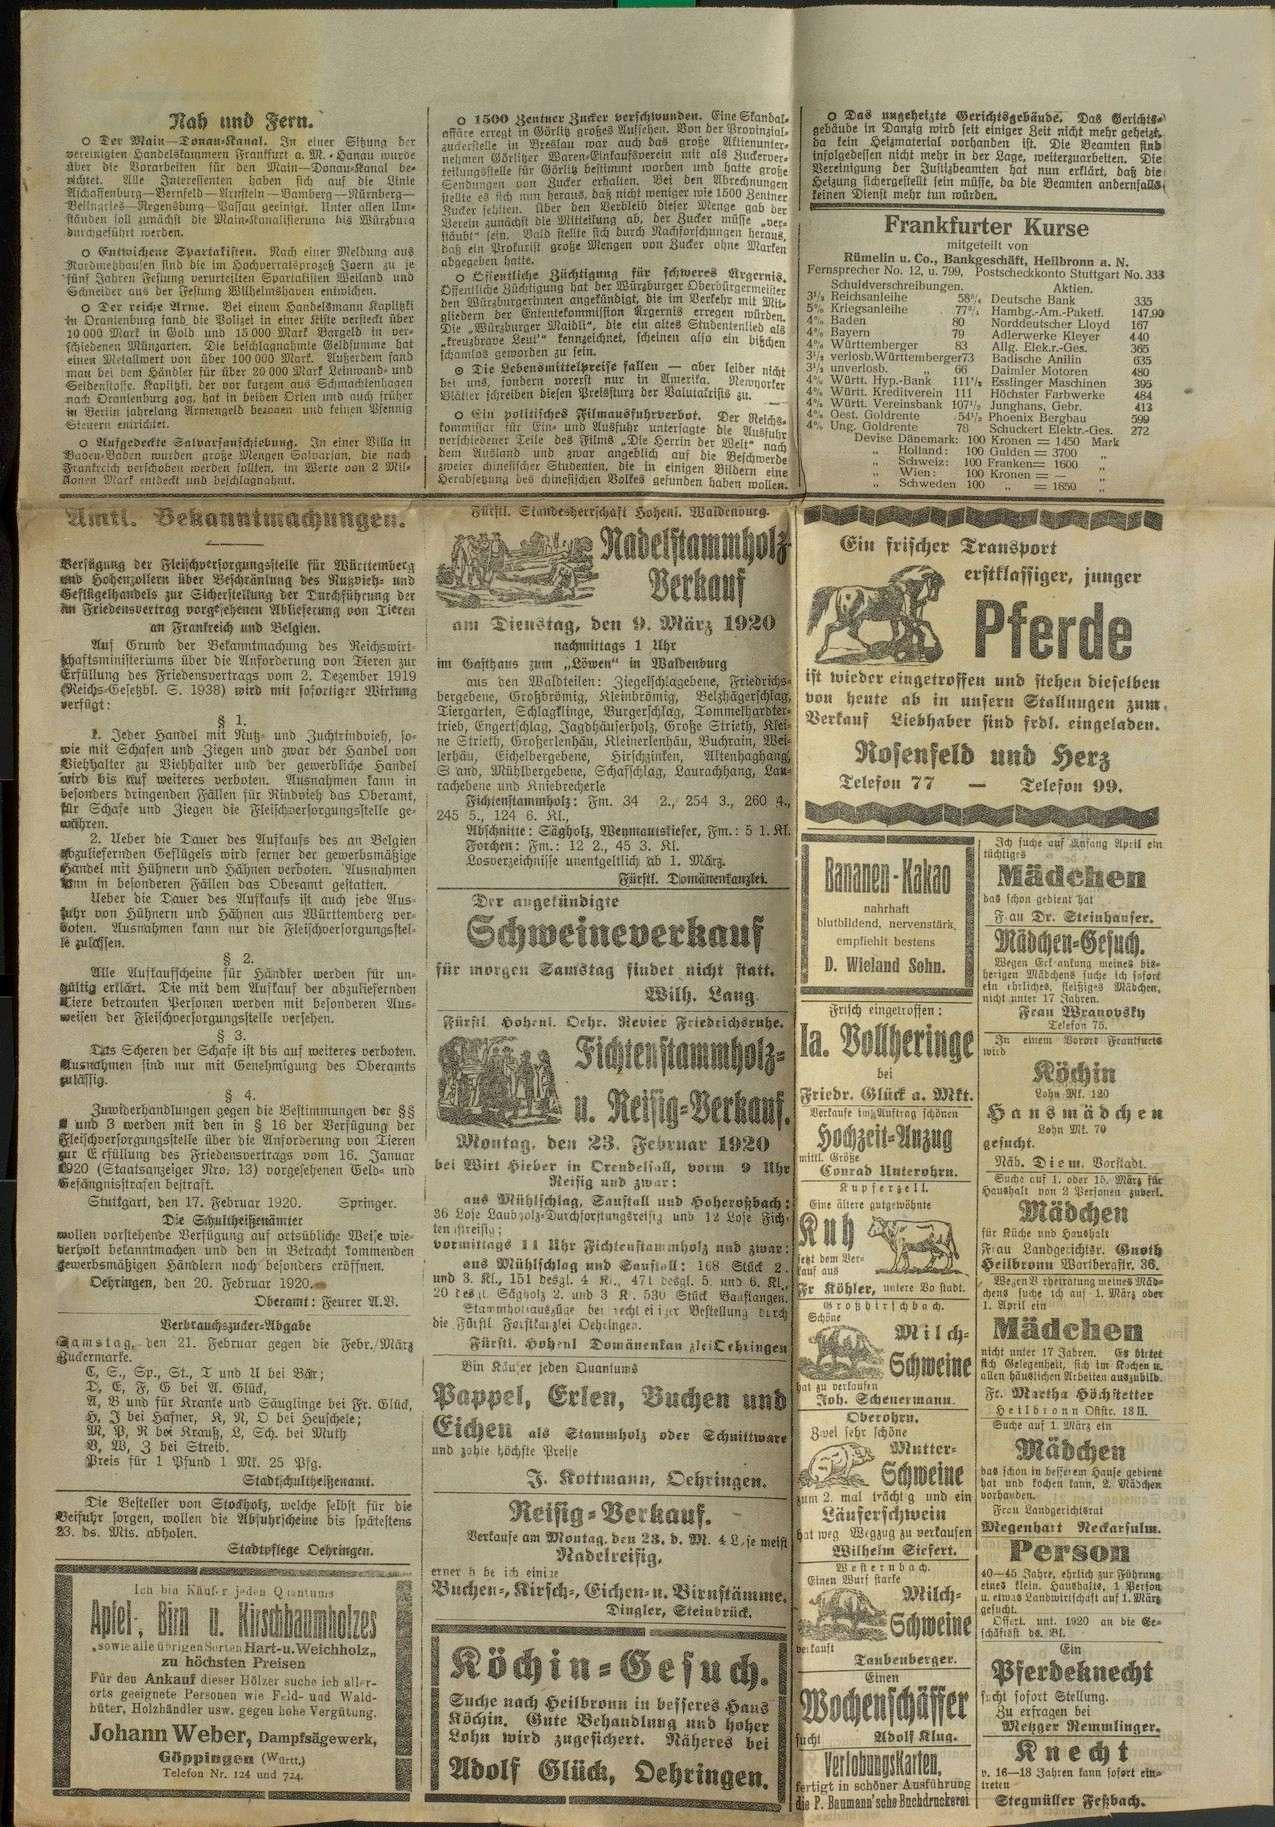 Friedensvertrag, Reparationen an Frankreich und Belgien, Ablieferung von Pferden, Schafen und Ziegen, Bild 3